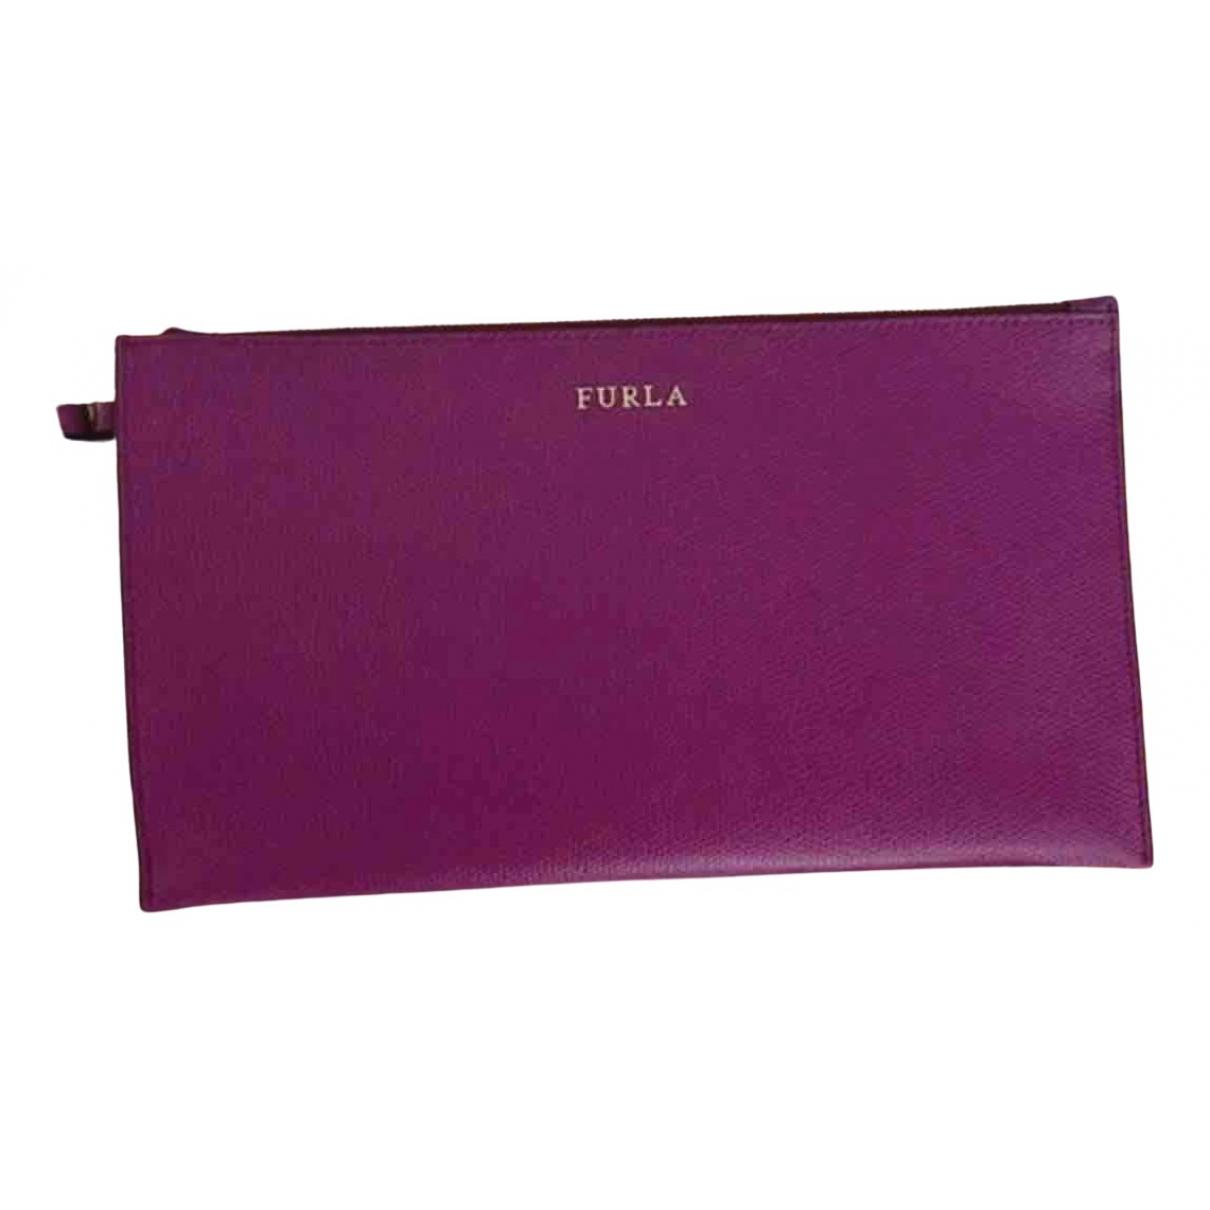 Furla - Pochette   pour femme en cuir - violet